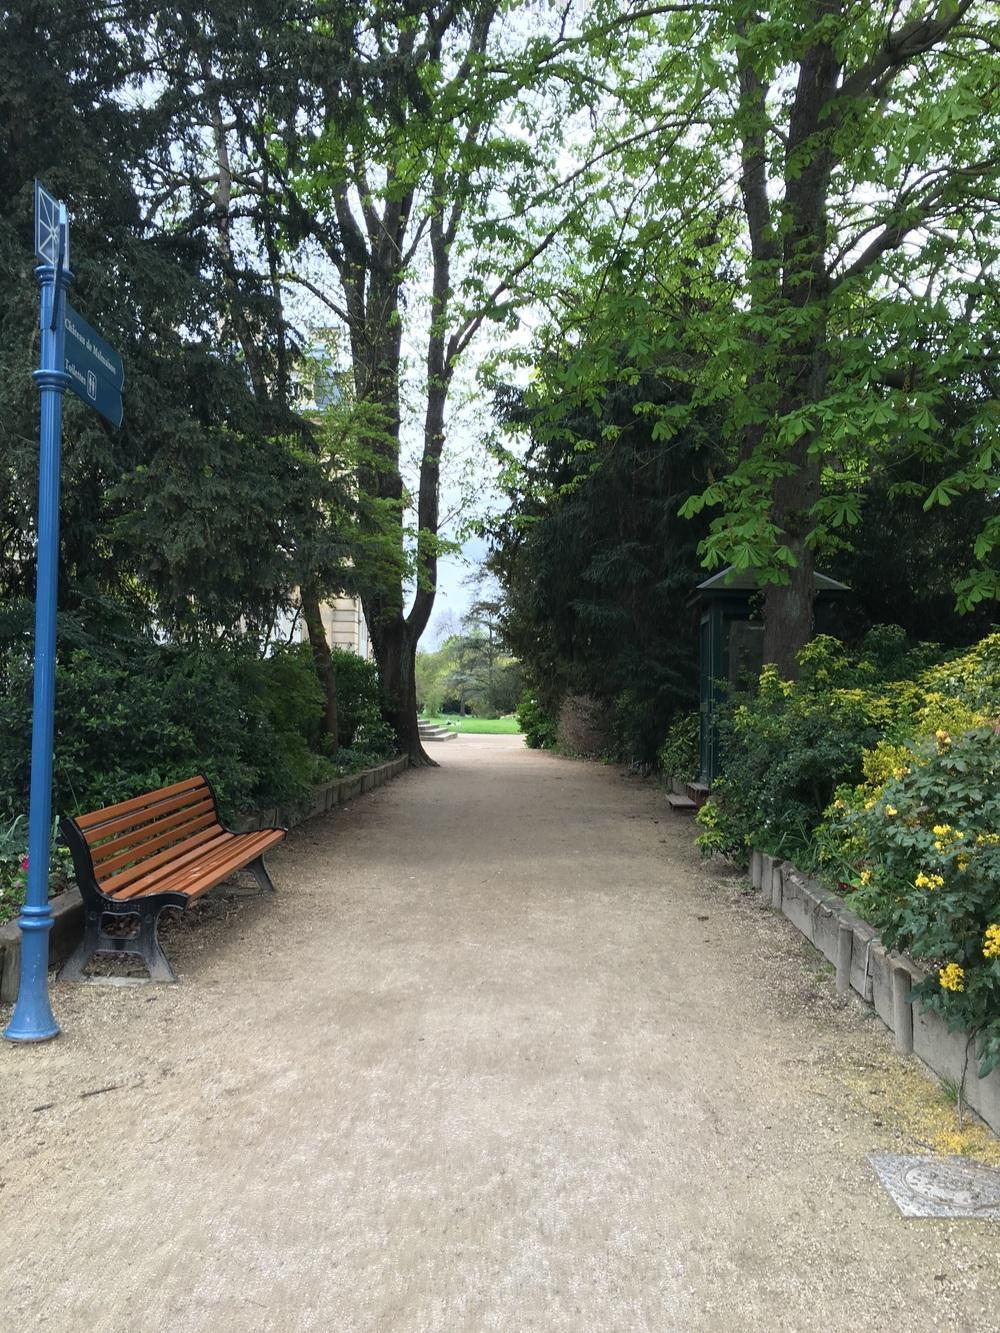 Entrance to château Malmaison